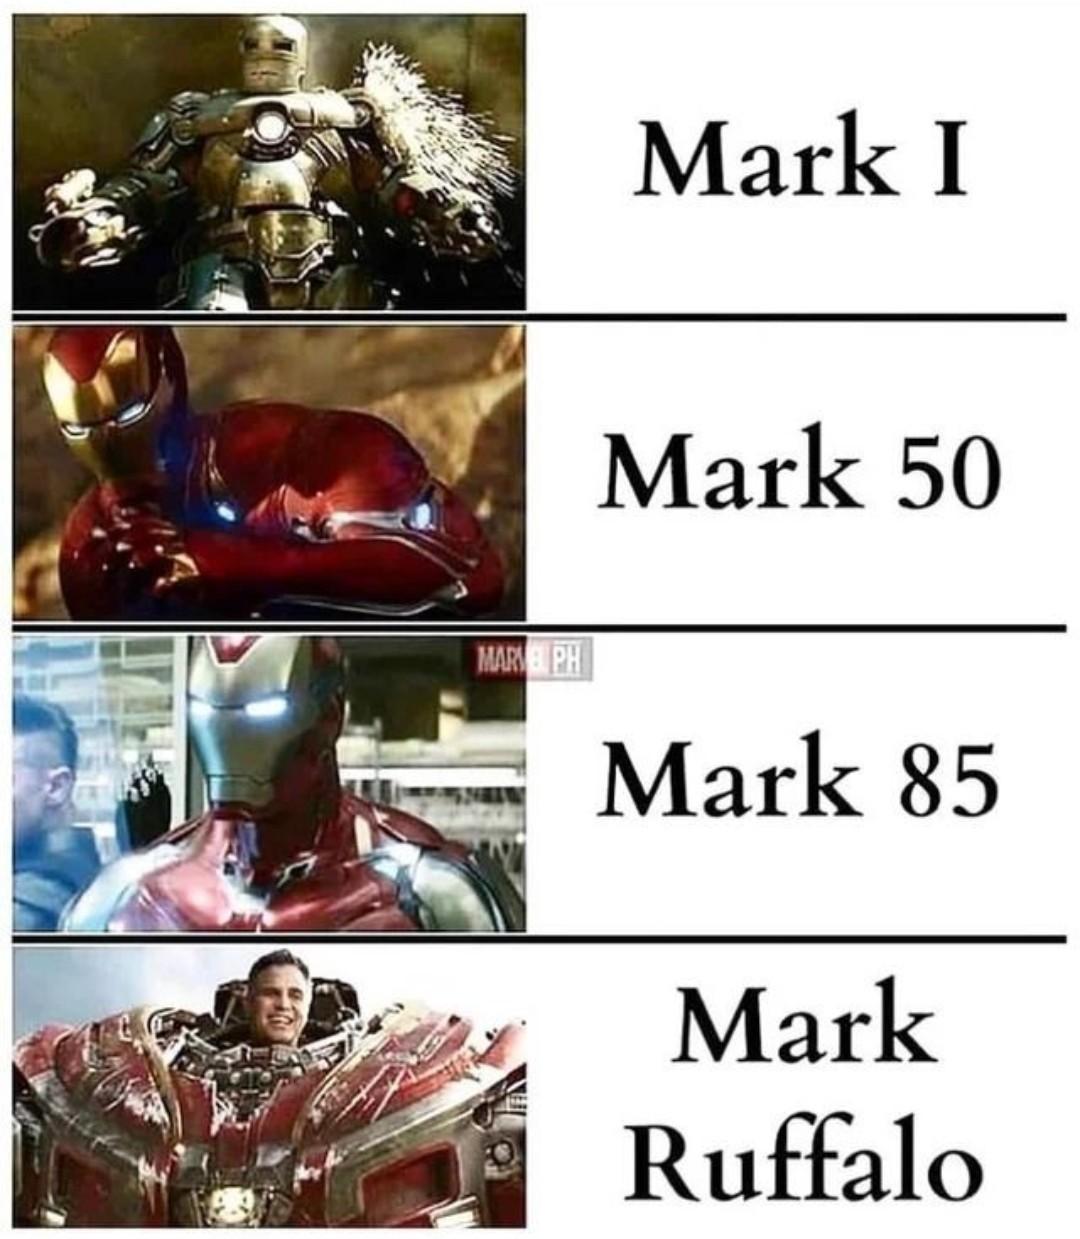 Marks - meme